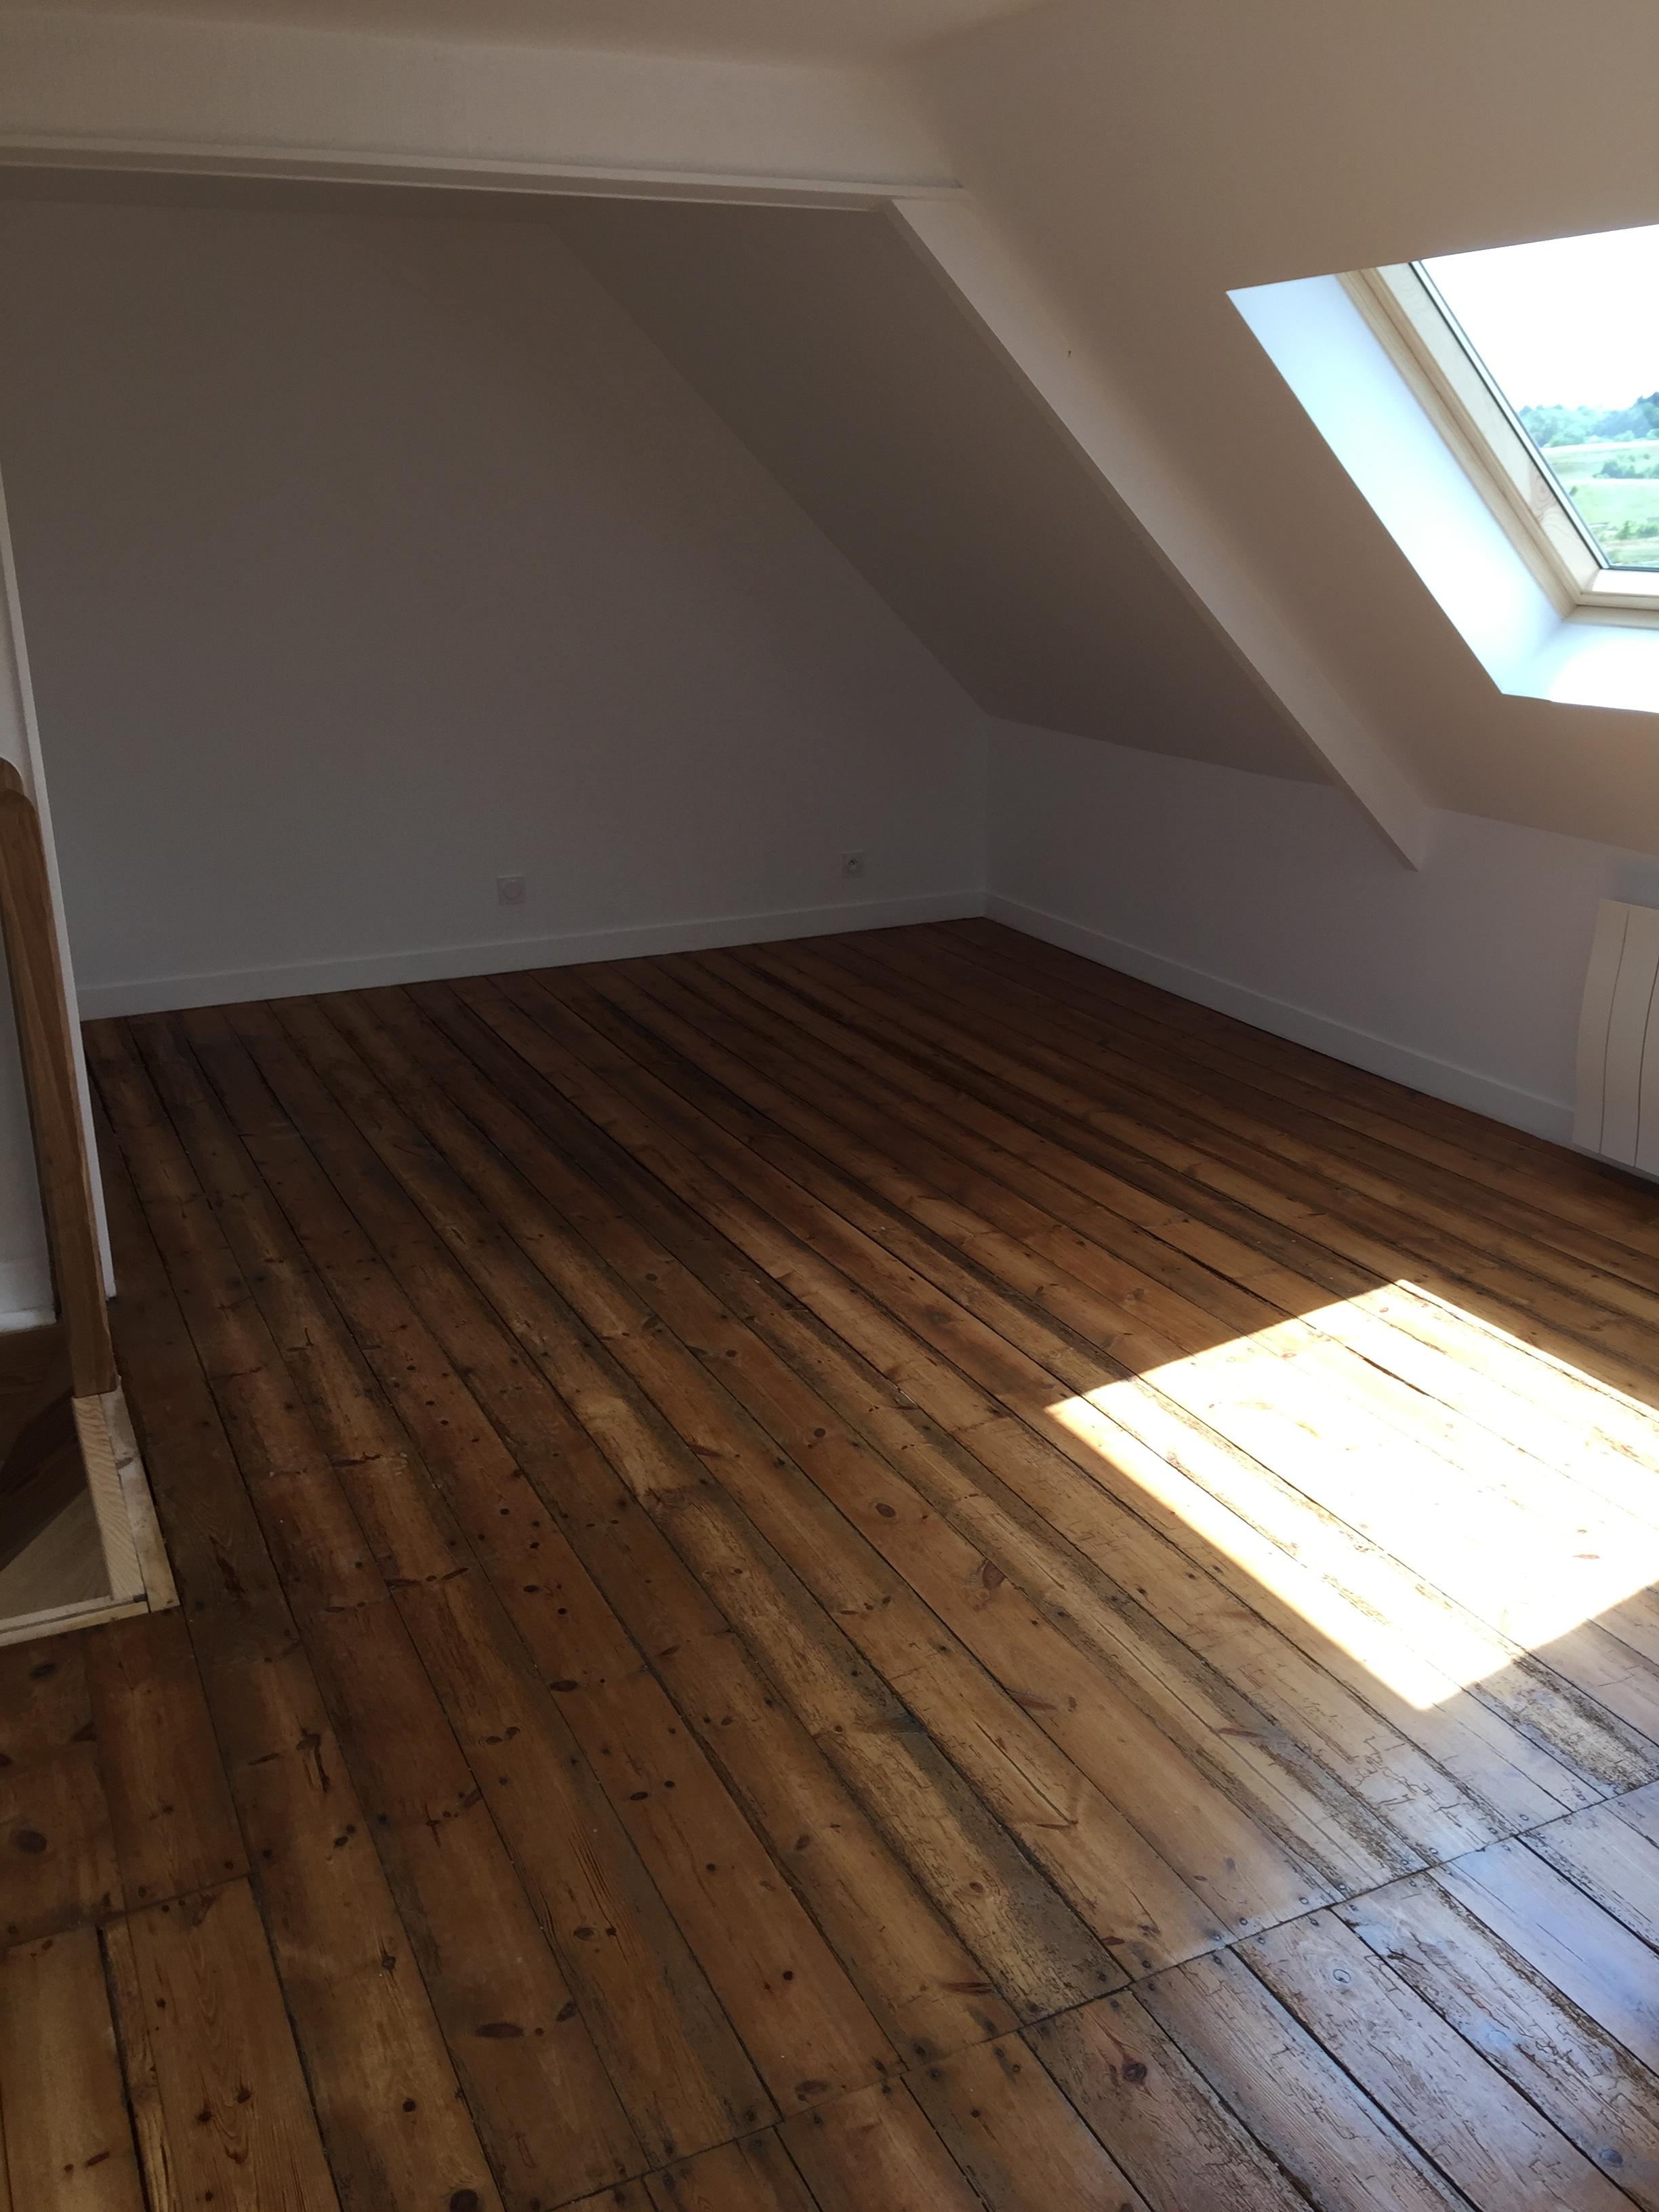 Vitrificateur Escalier Apres Peinture rénovation d'une maison - saint-brieuc